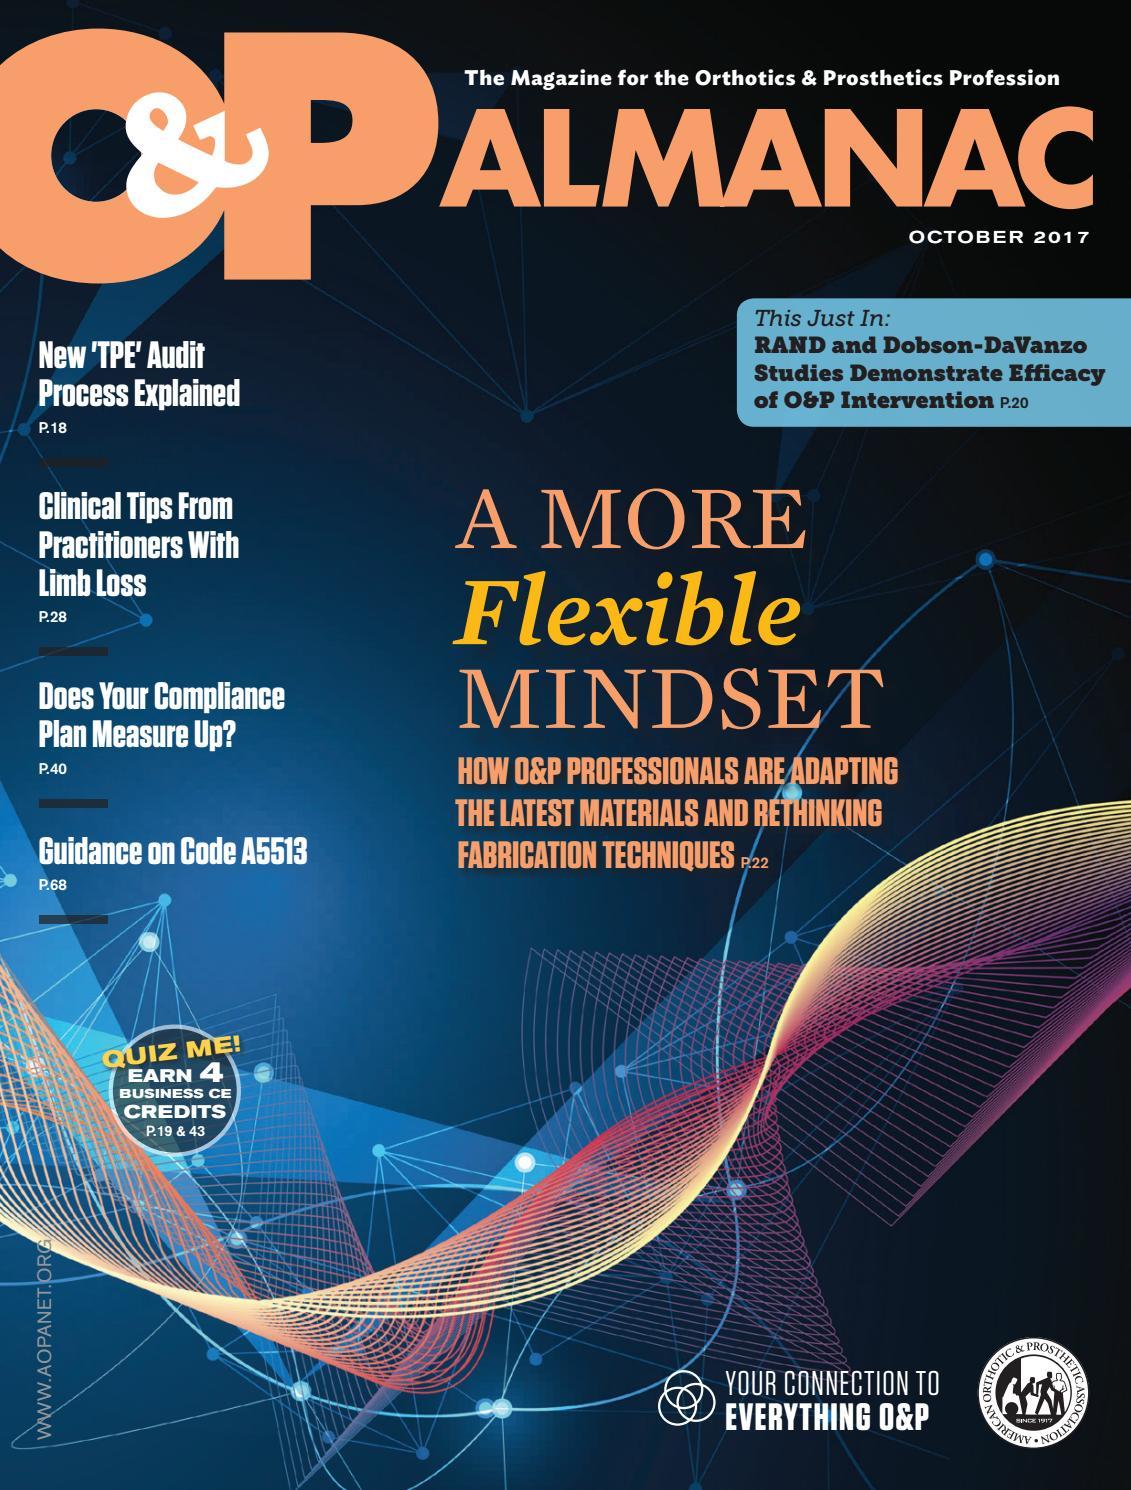 ec1a8f0672 October 2017 O&P Almanac by AOPA - issuu